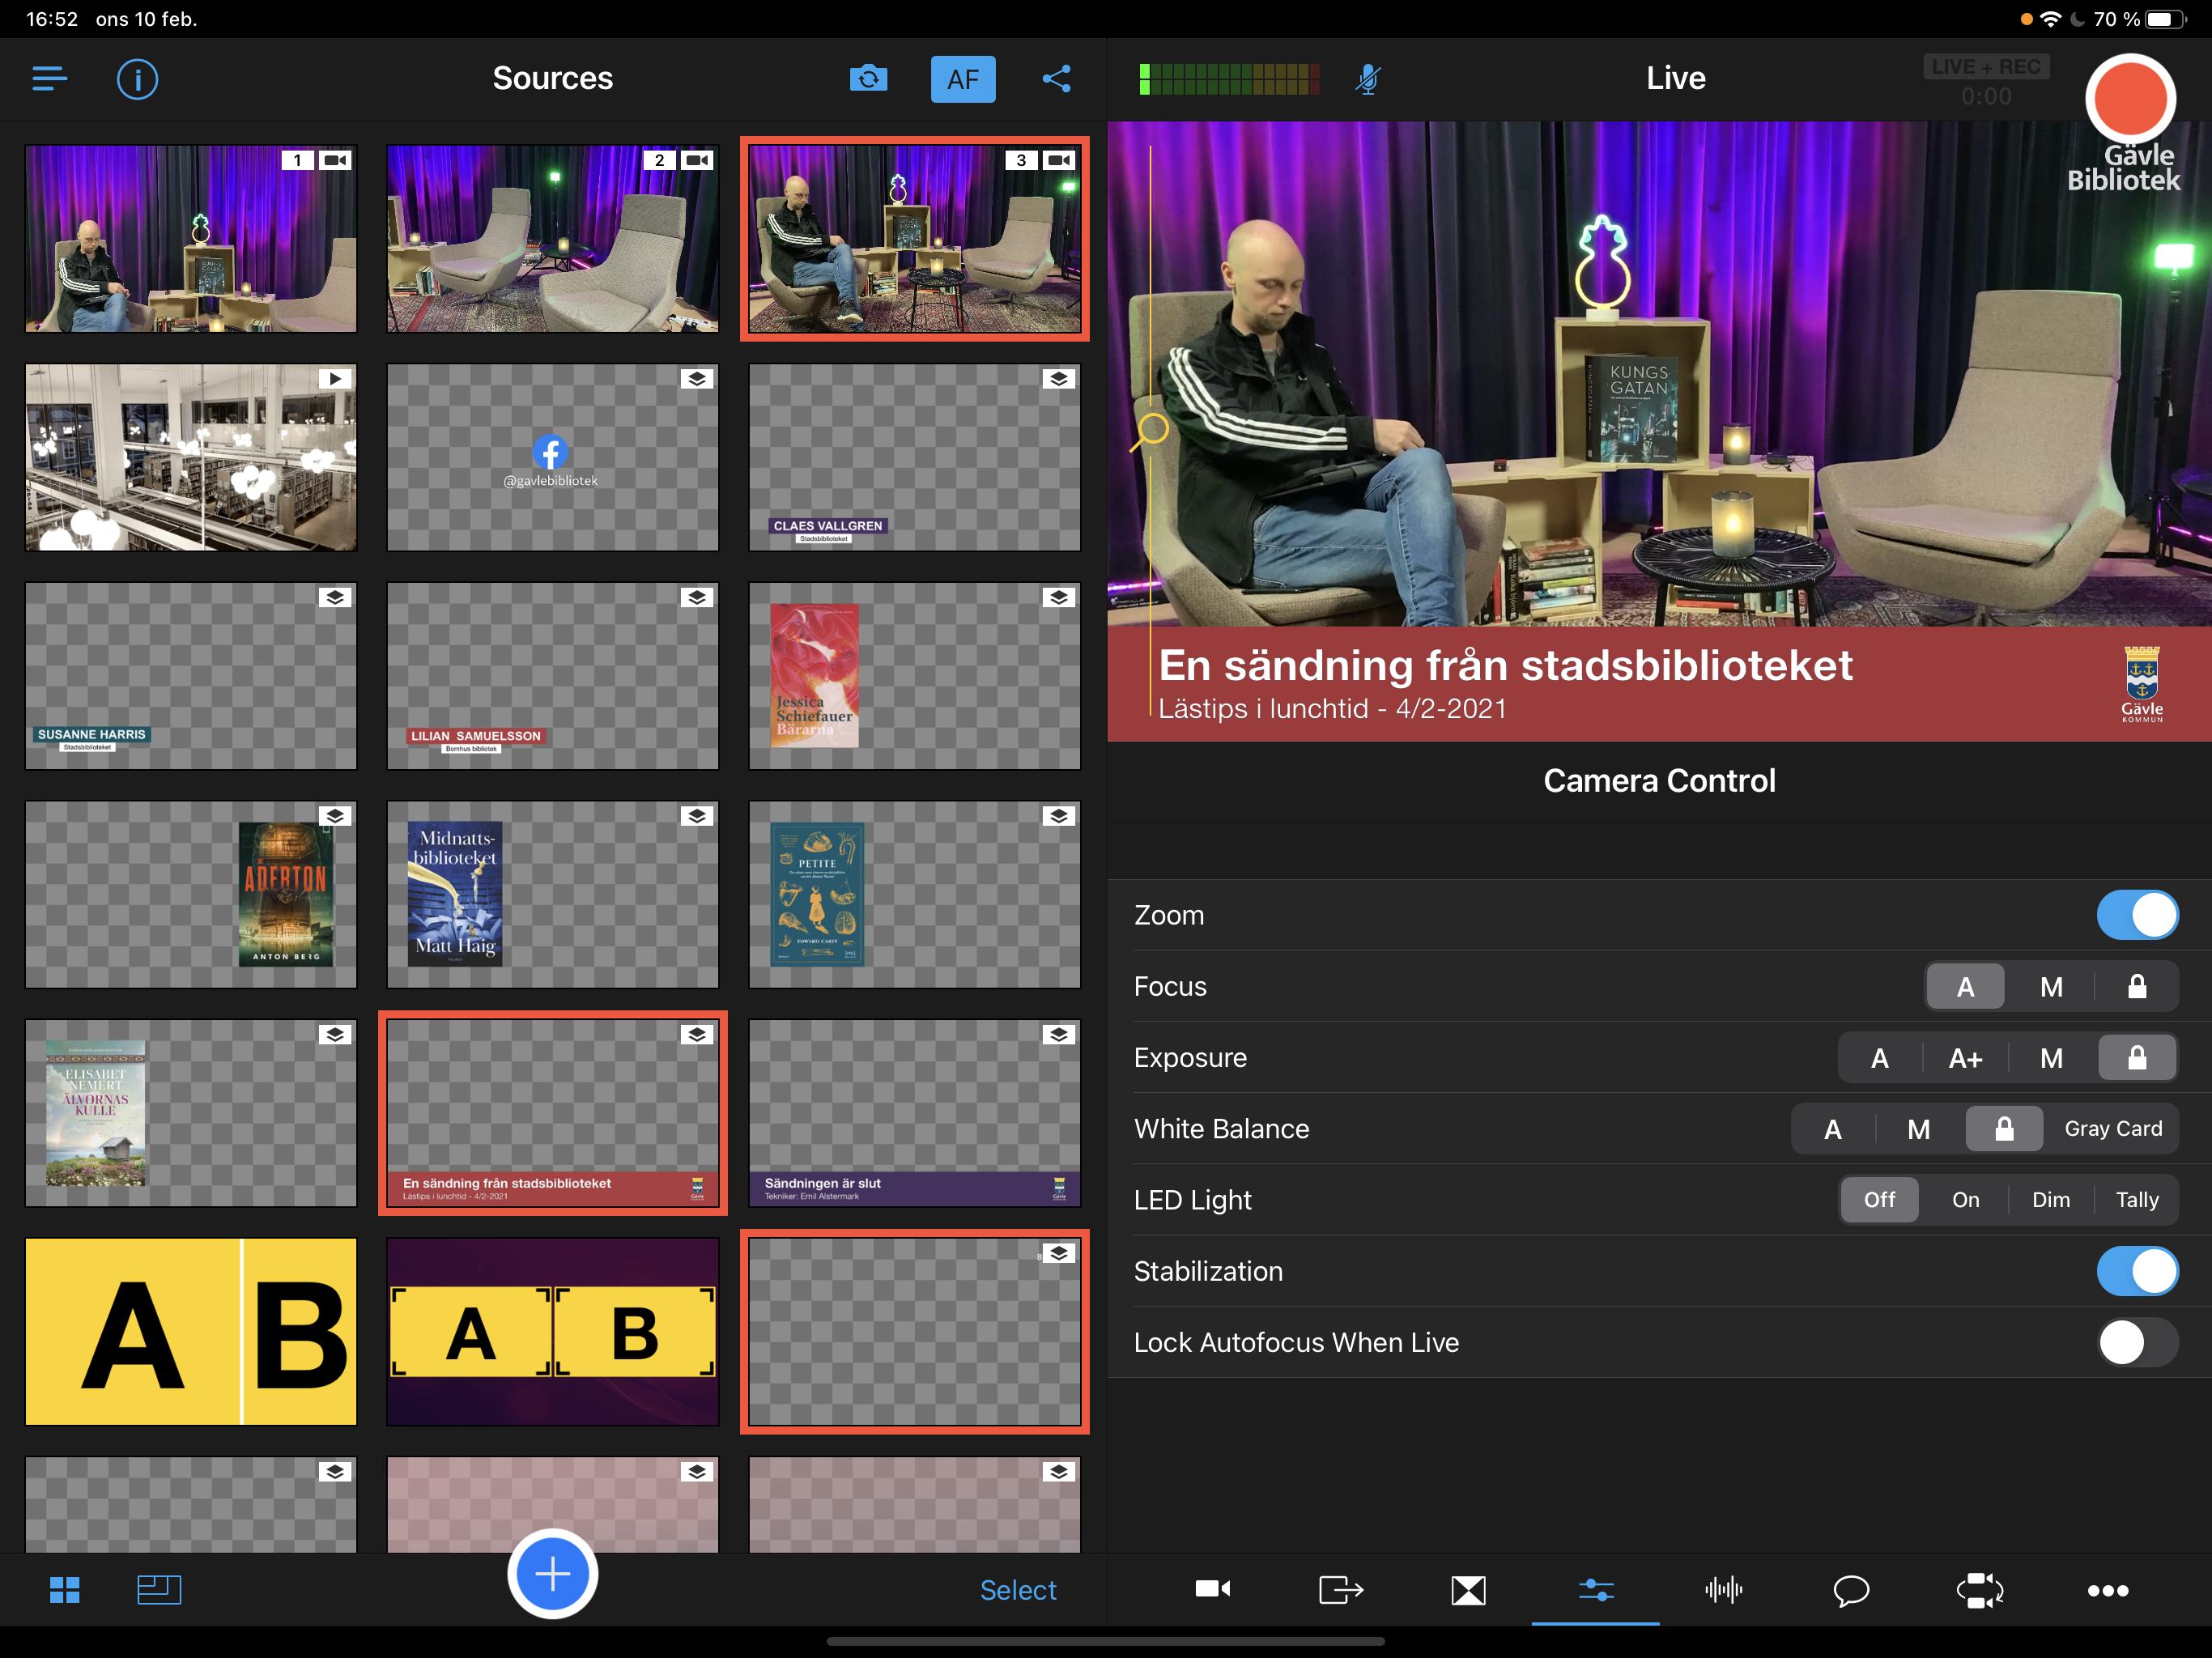 Switcher: Ett rutnät med olika scener och grafik.